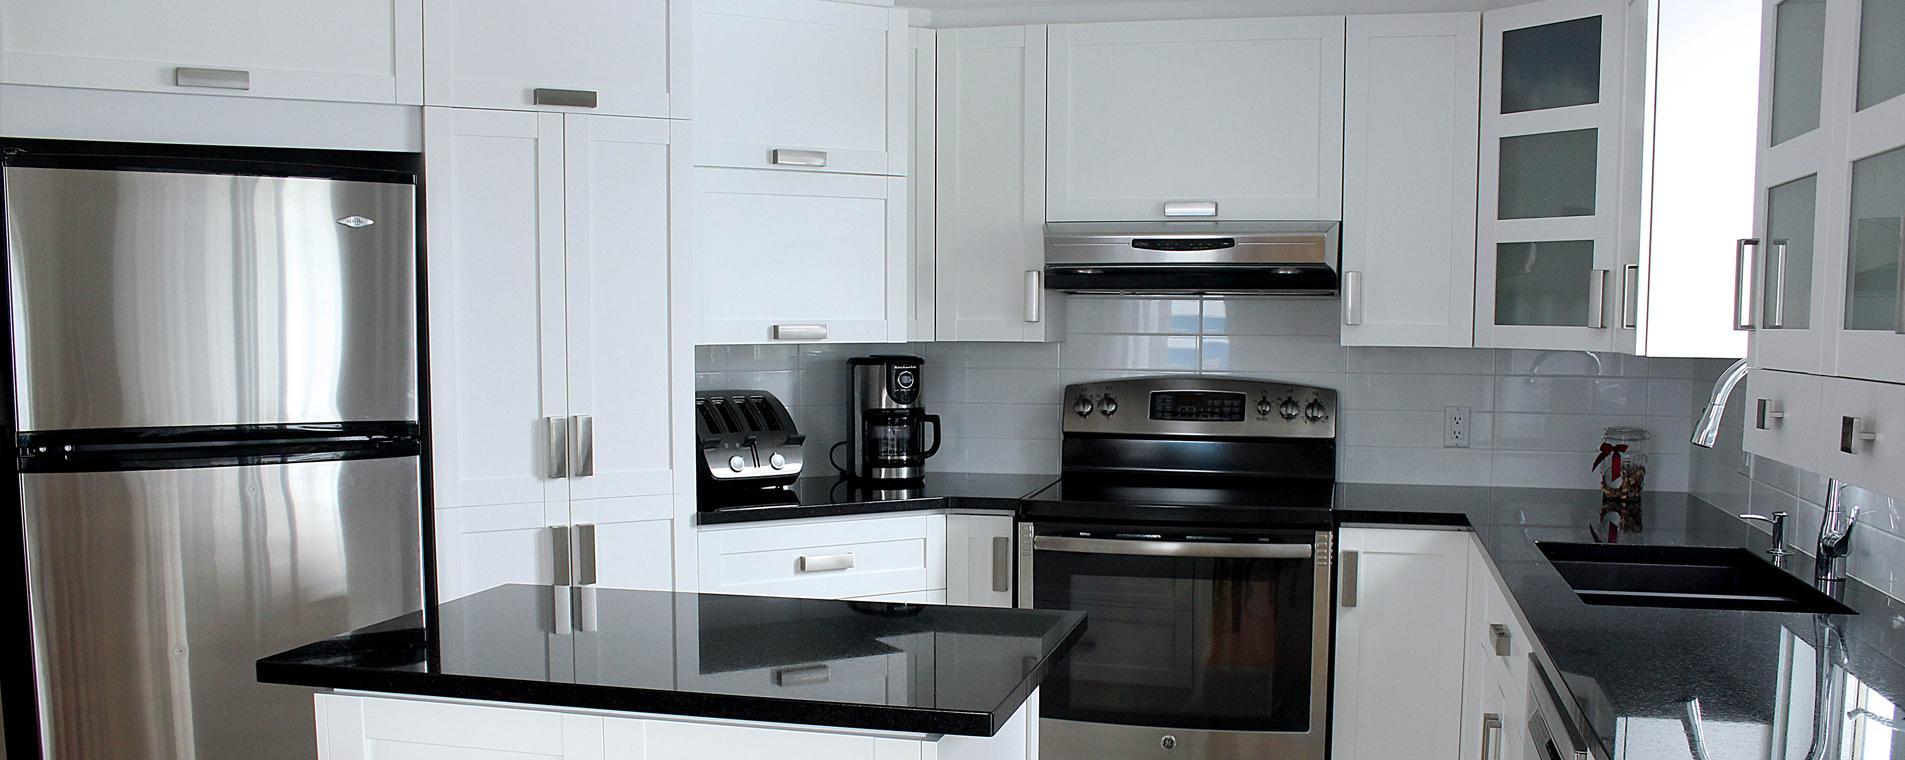 Fabriquer Des Portes D Armoires De Cuisine lecxeco - manufacturier de portes d'armoires de cuisines